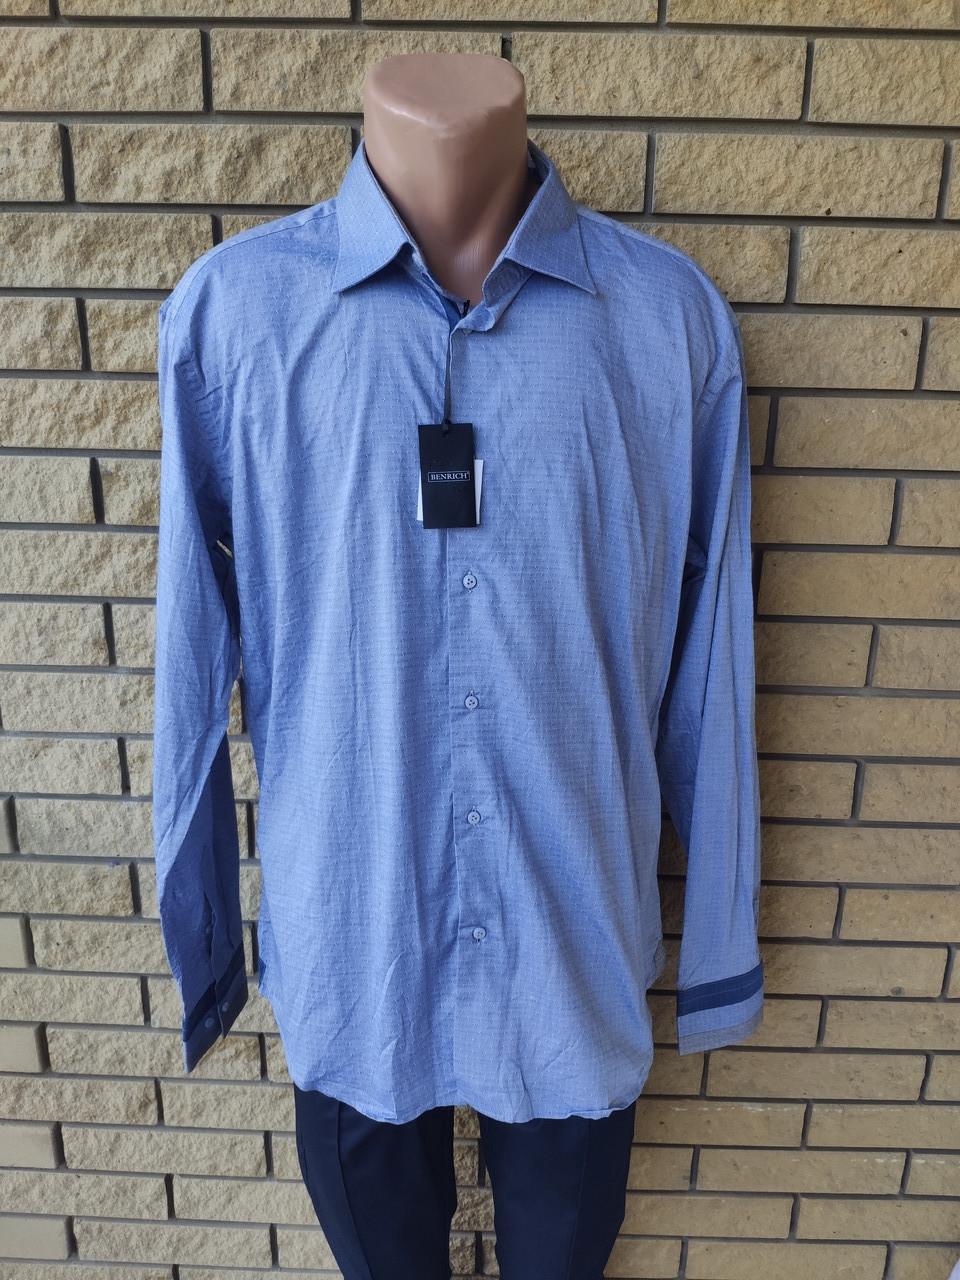 Рубашка мужская коттоновая брендовая высокого качества BENRICH, Турция